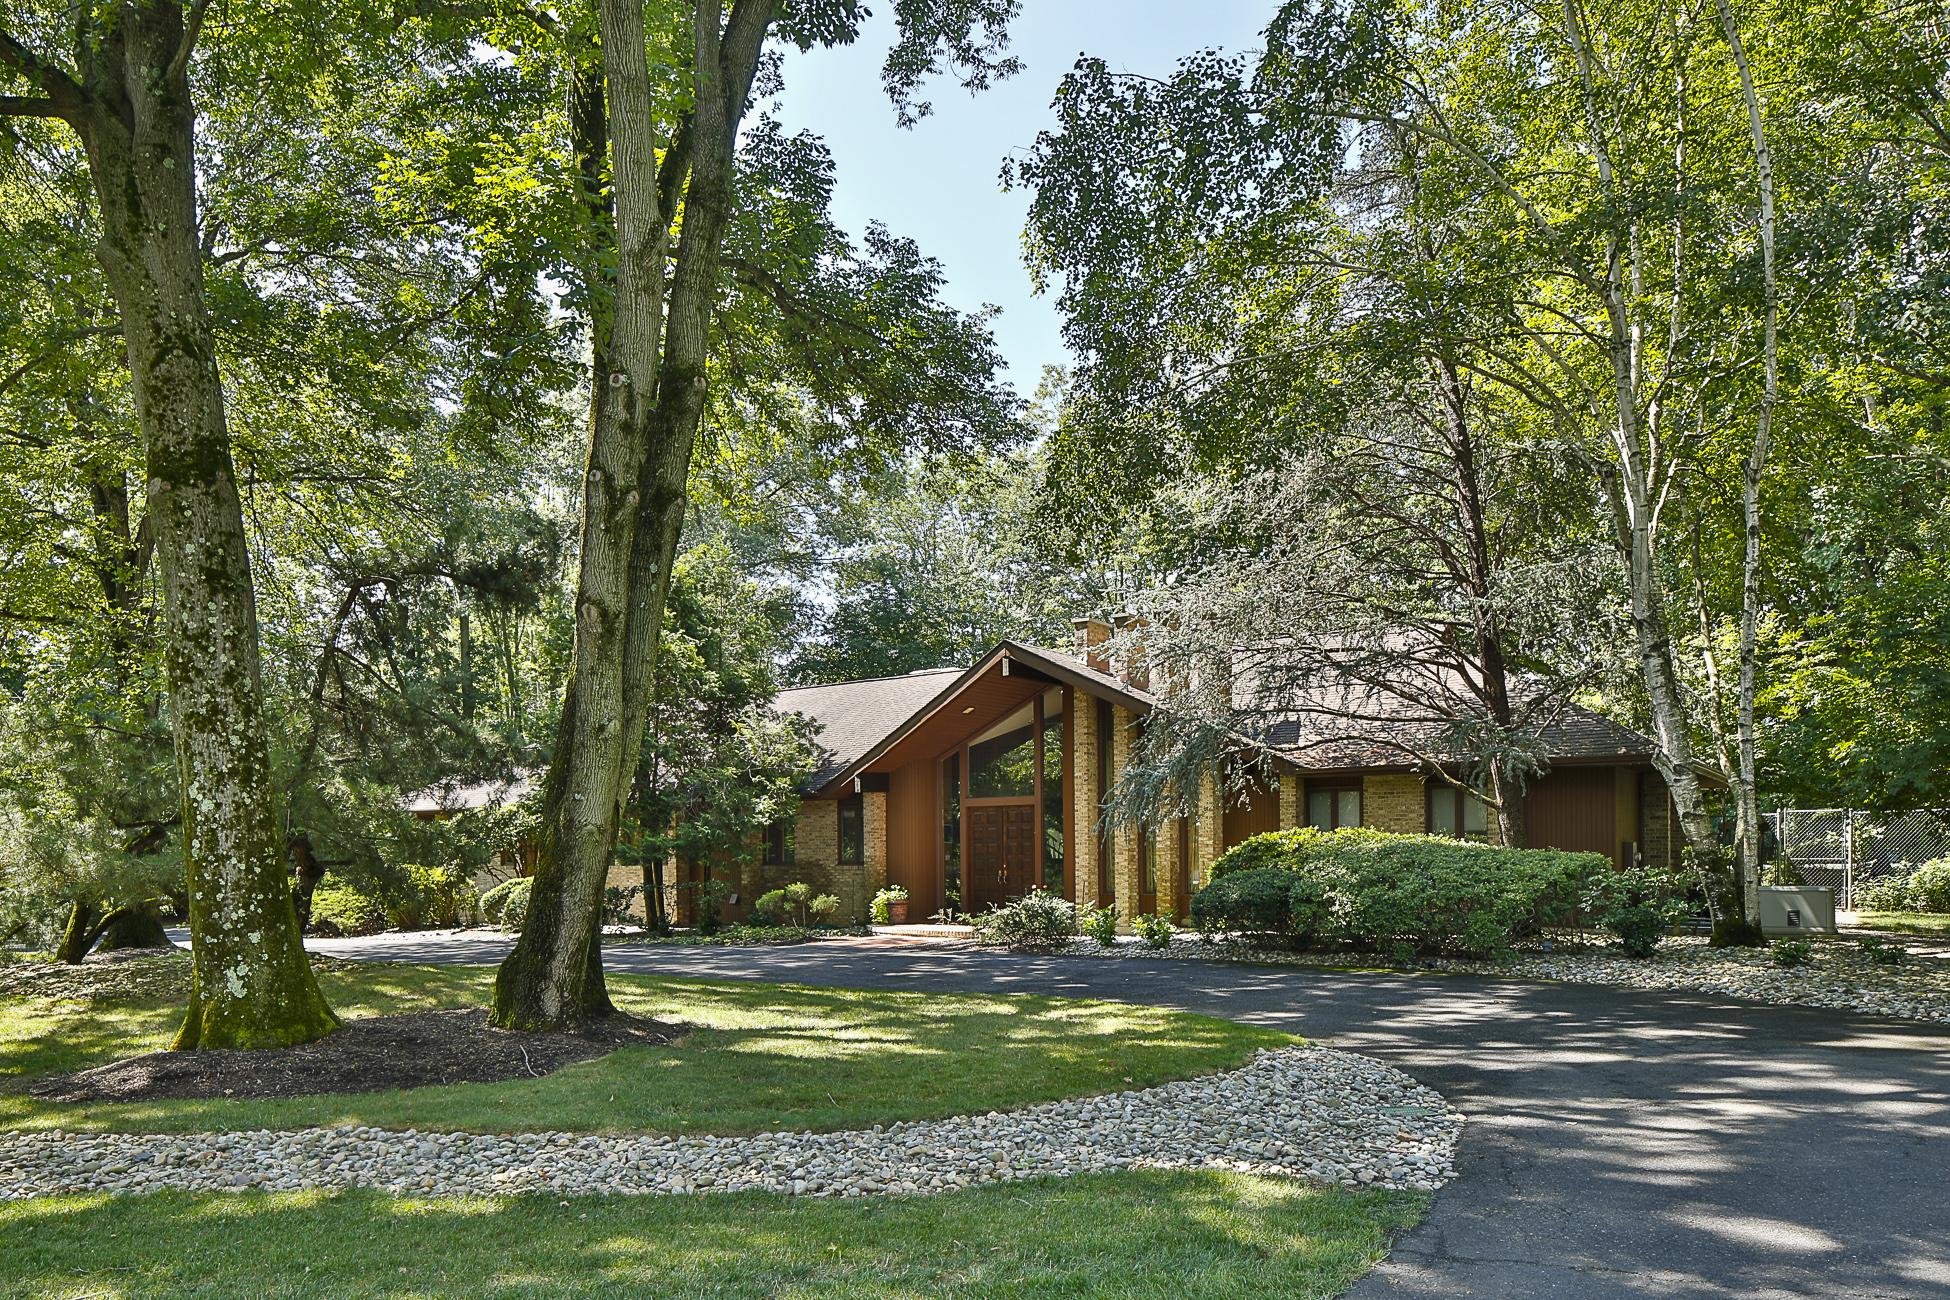 Частный односемейный дом для того Продажа на A Dramatic Presence in a Wonderful Neighborhood 170 Gallup Road Princeton, Нью-Джерси 08540 Соединенные Штаты